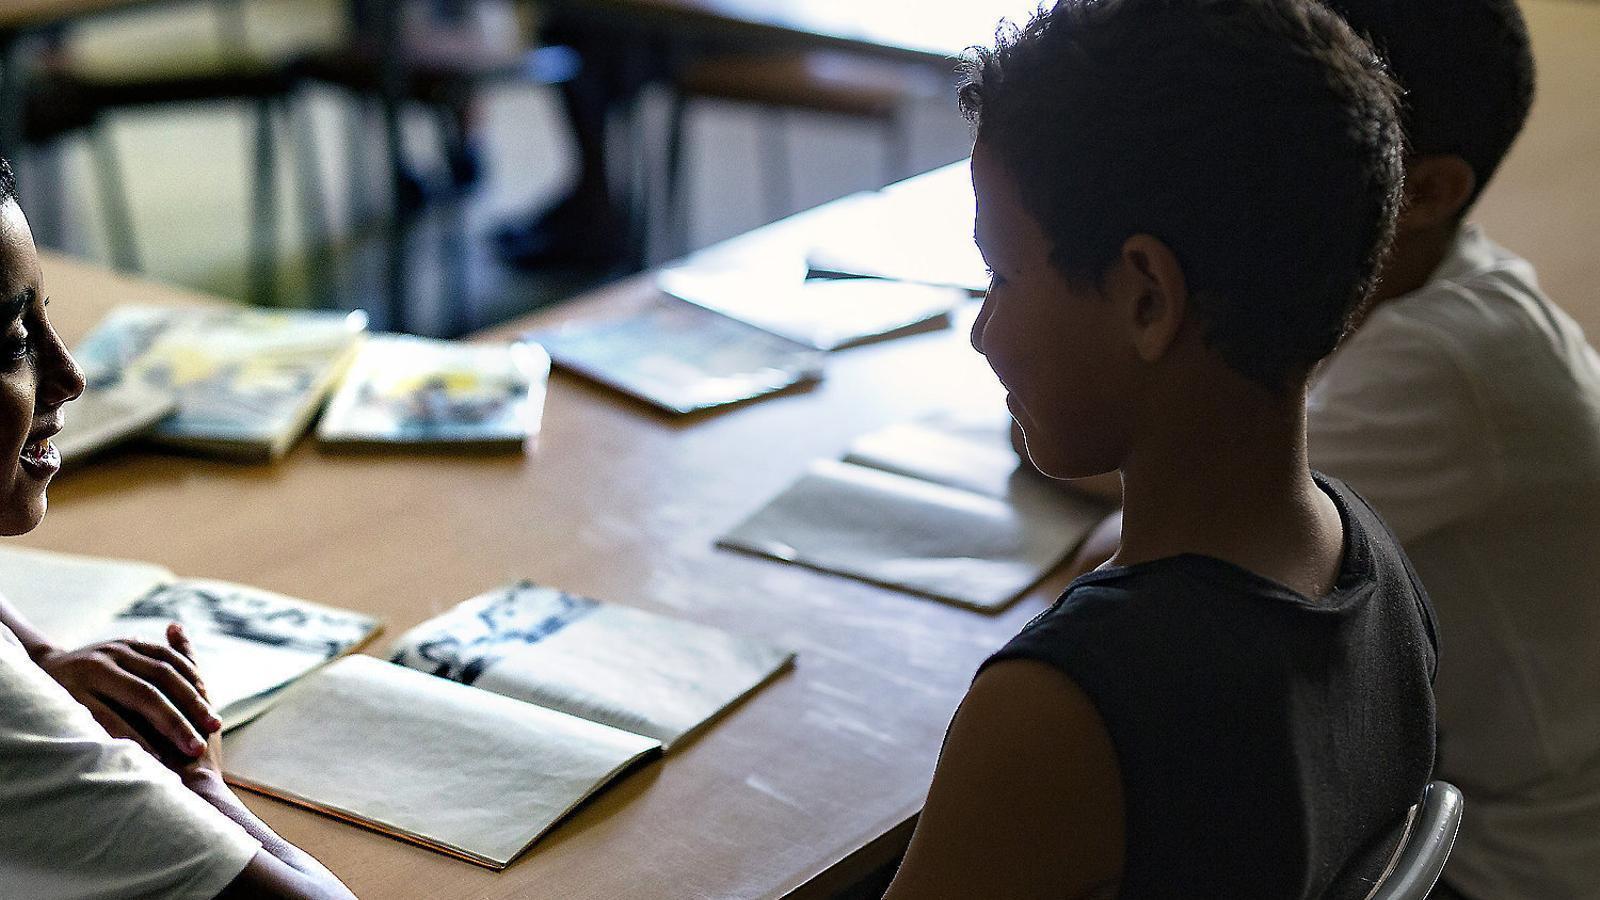 Un grup d'alumnes de primària de  l'escola Montserrat, de Terrassa, debaten a classe, en una imatge d'arxiu.